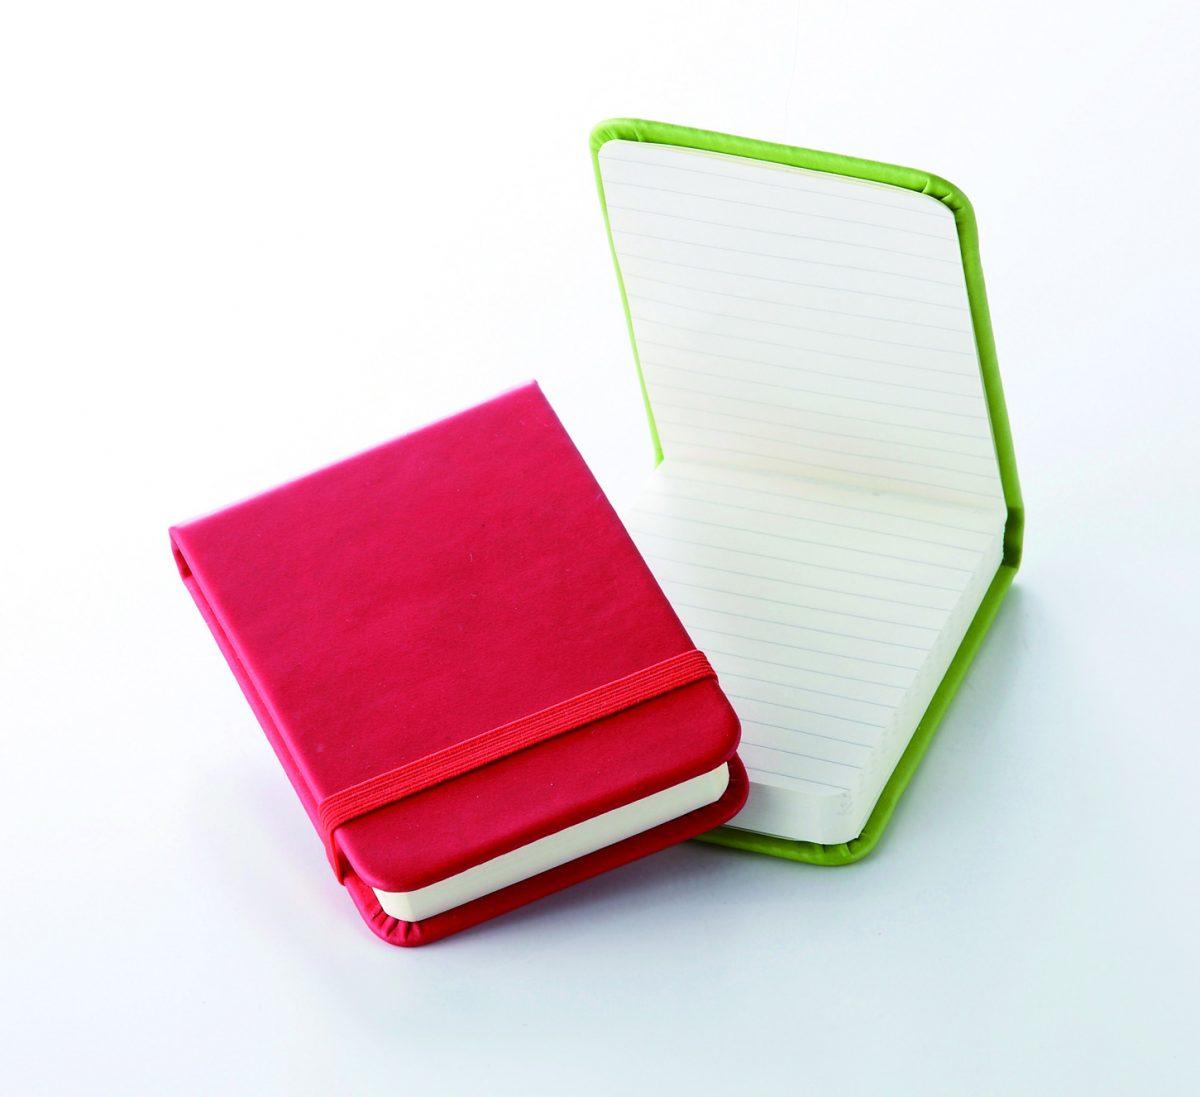 セルトナ・ハードカバーメモ帳 ブラック